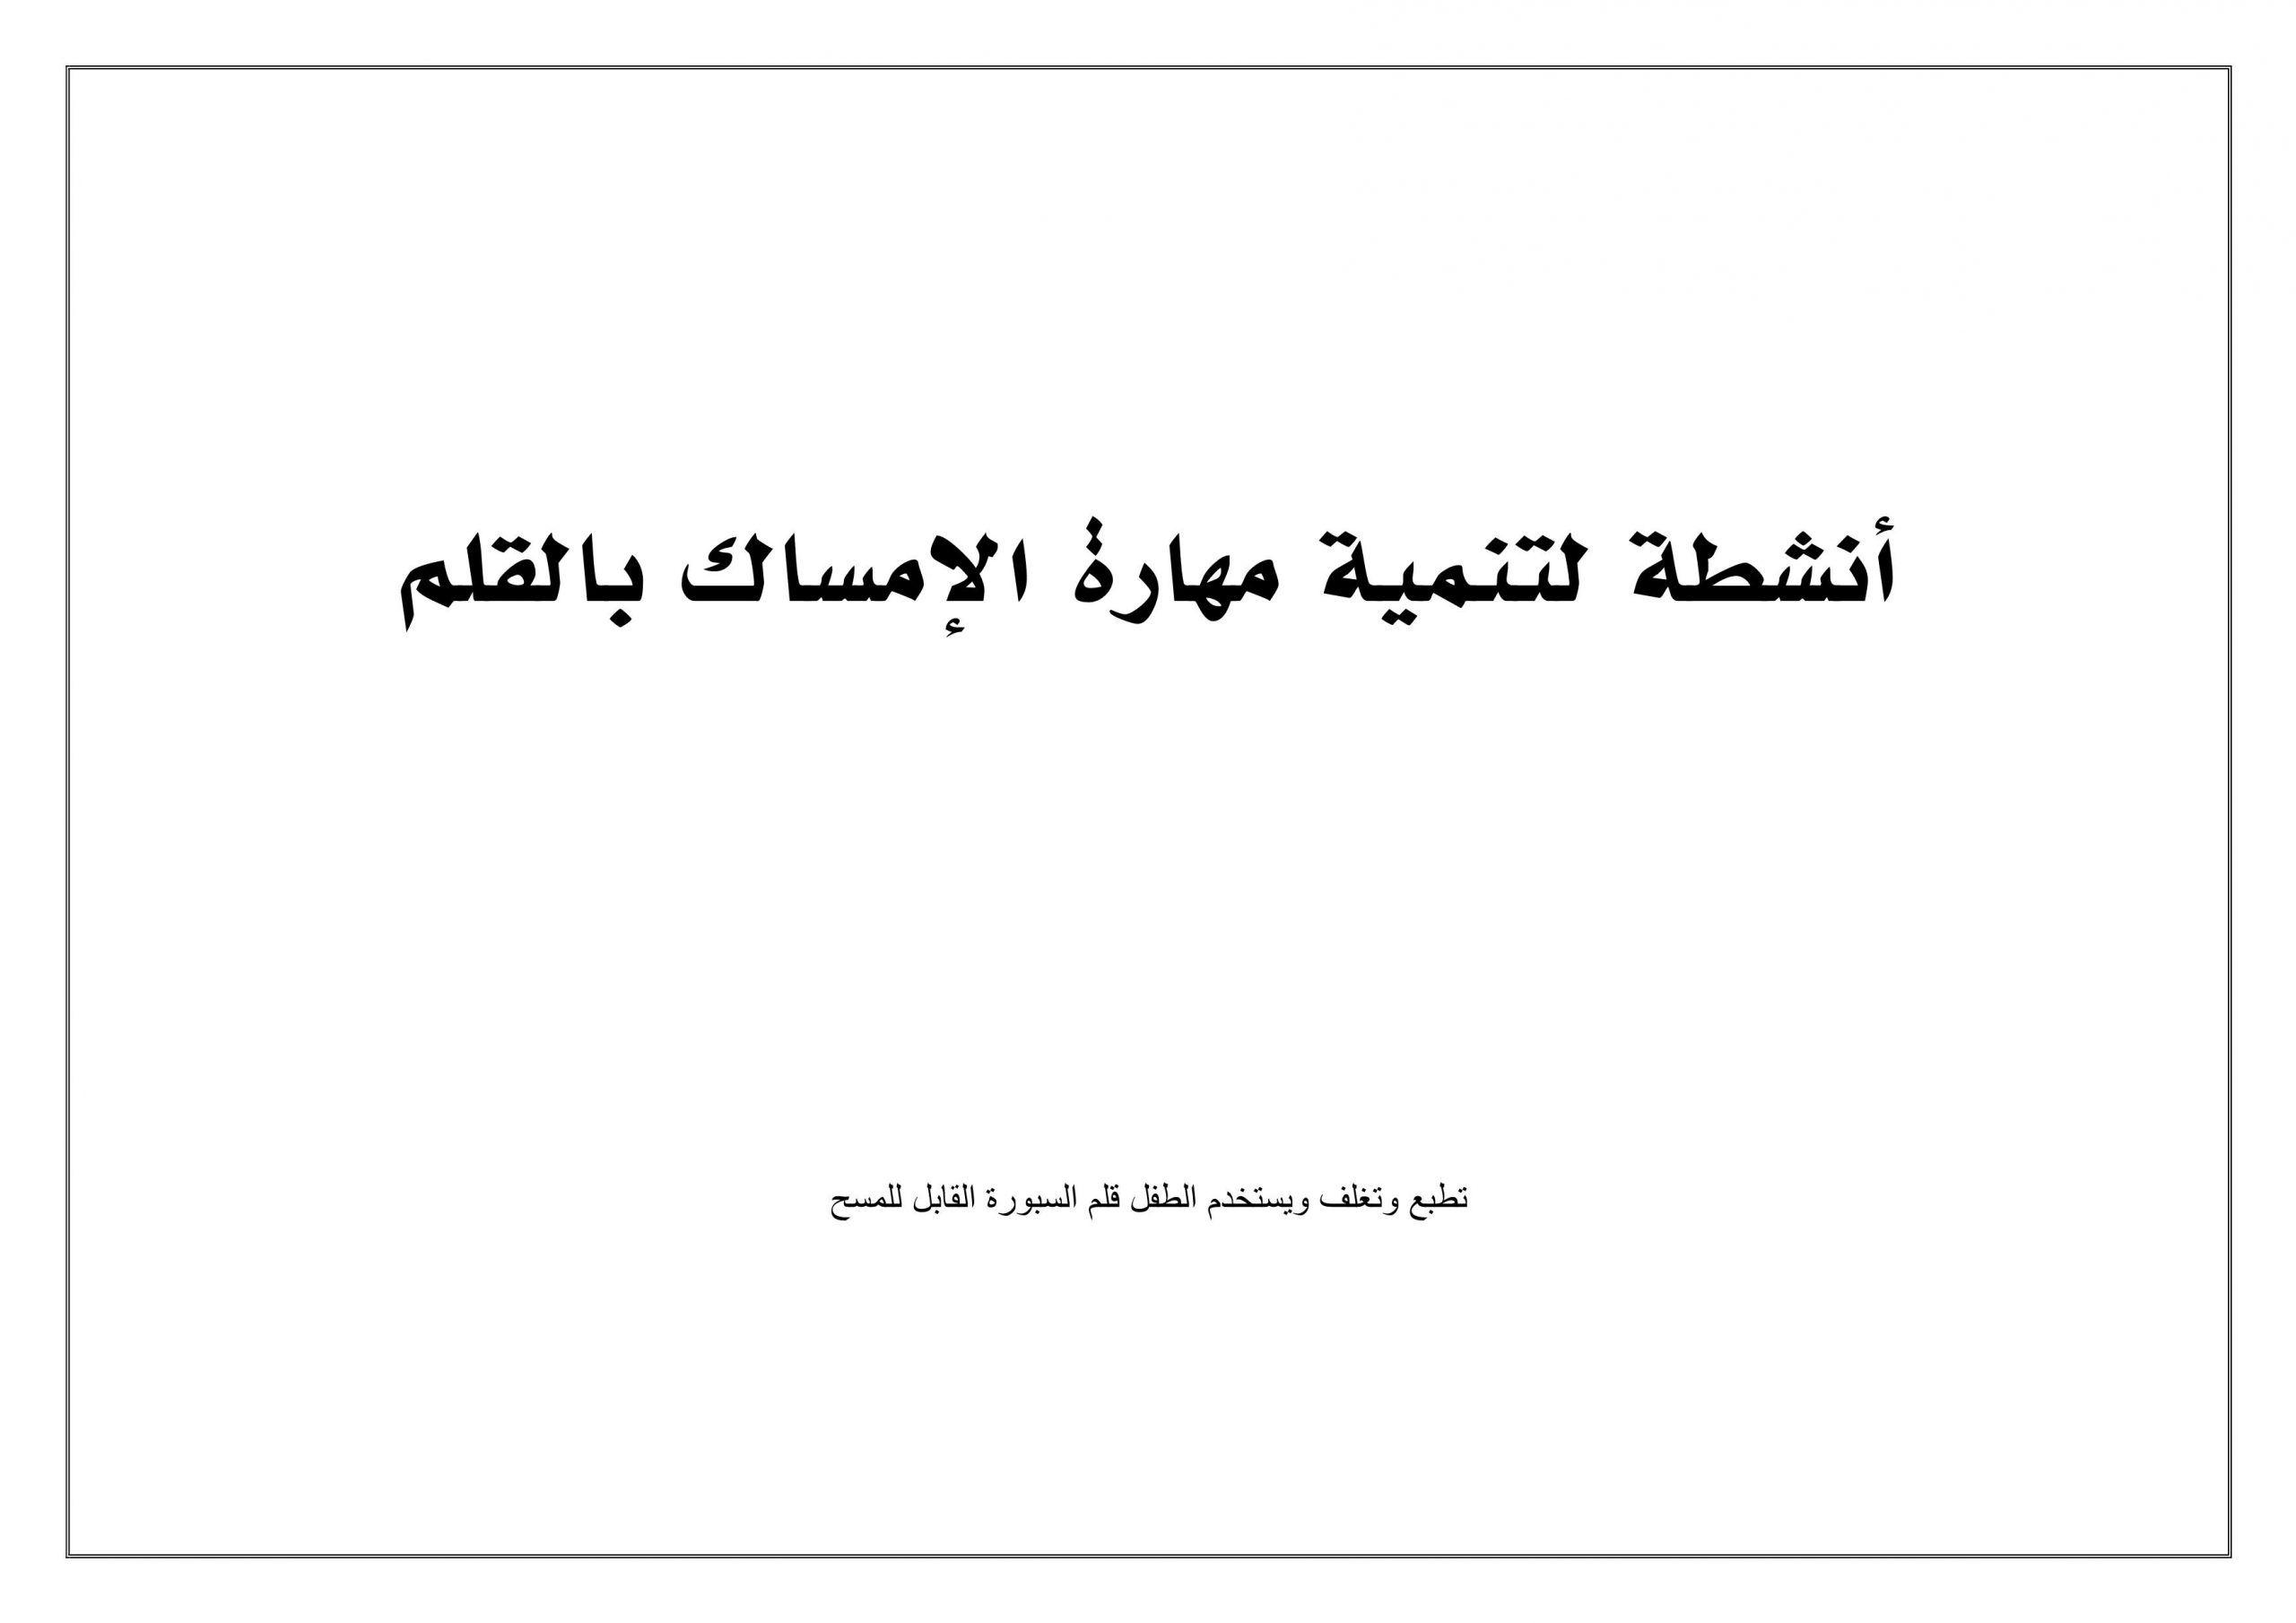 انشطة لتنمية مهارات الامساك بالقلم بطريقة ممتعة للاطفال Arabic Kids Math Math Equations